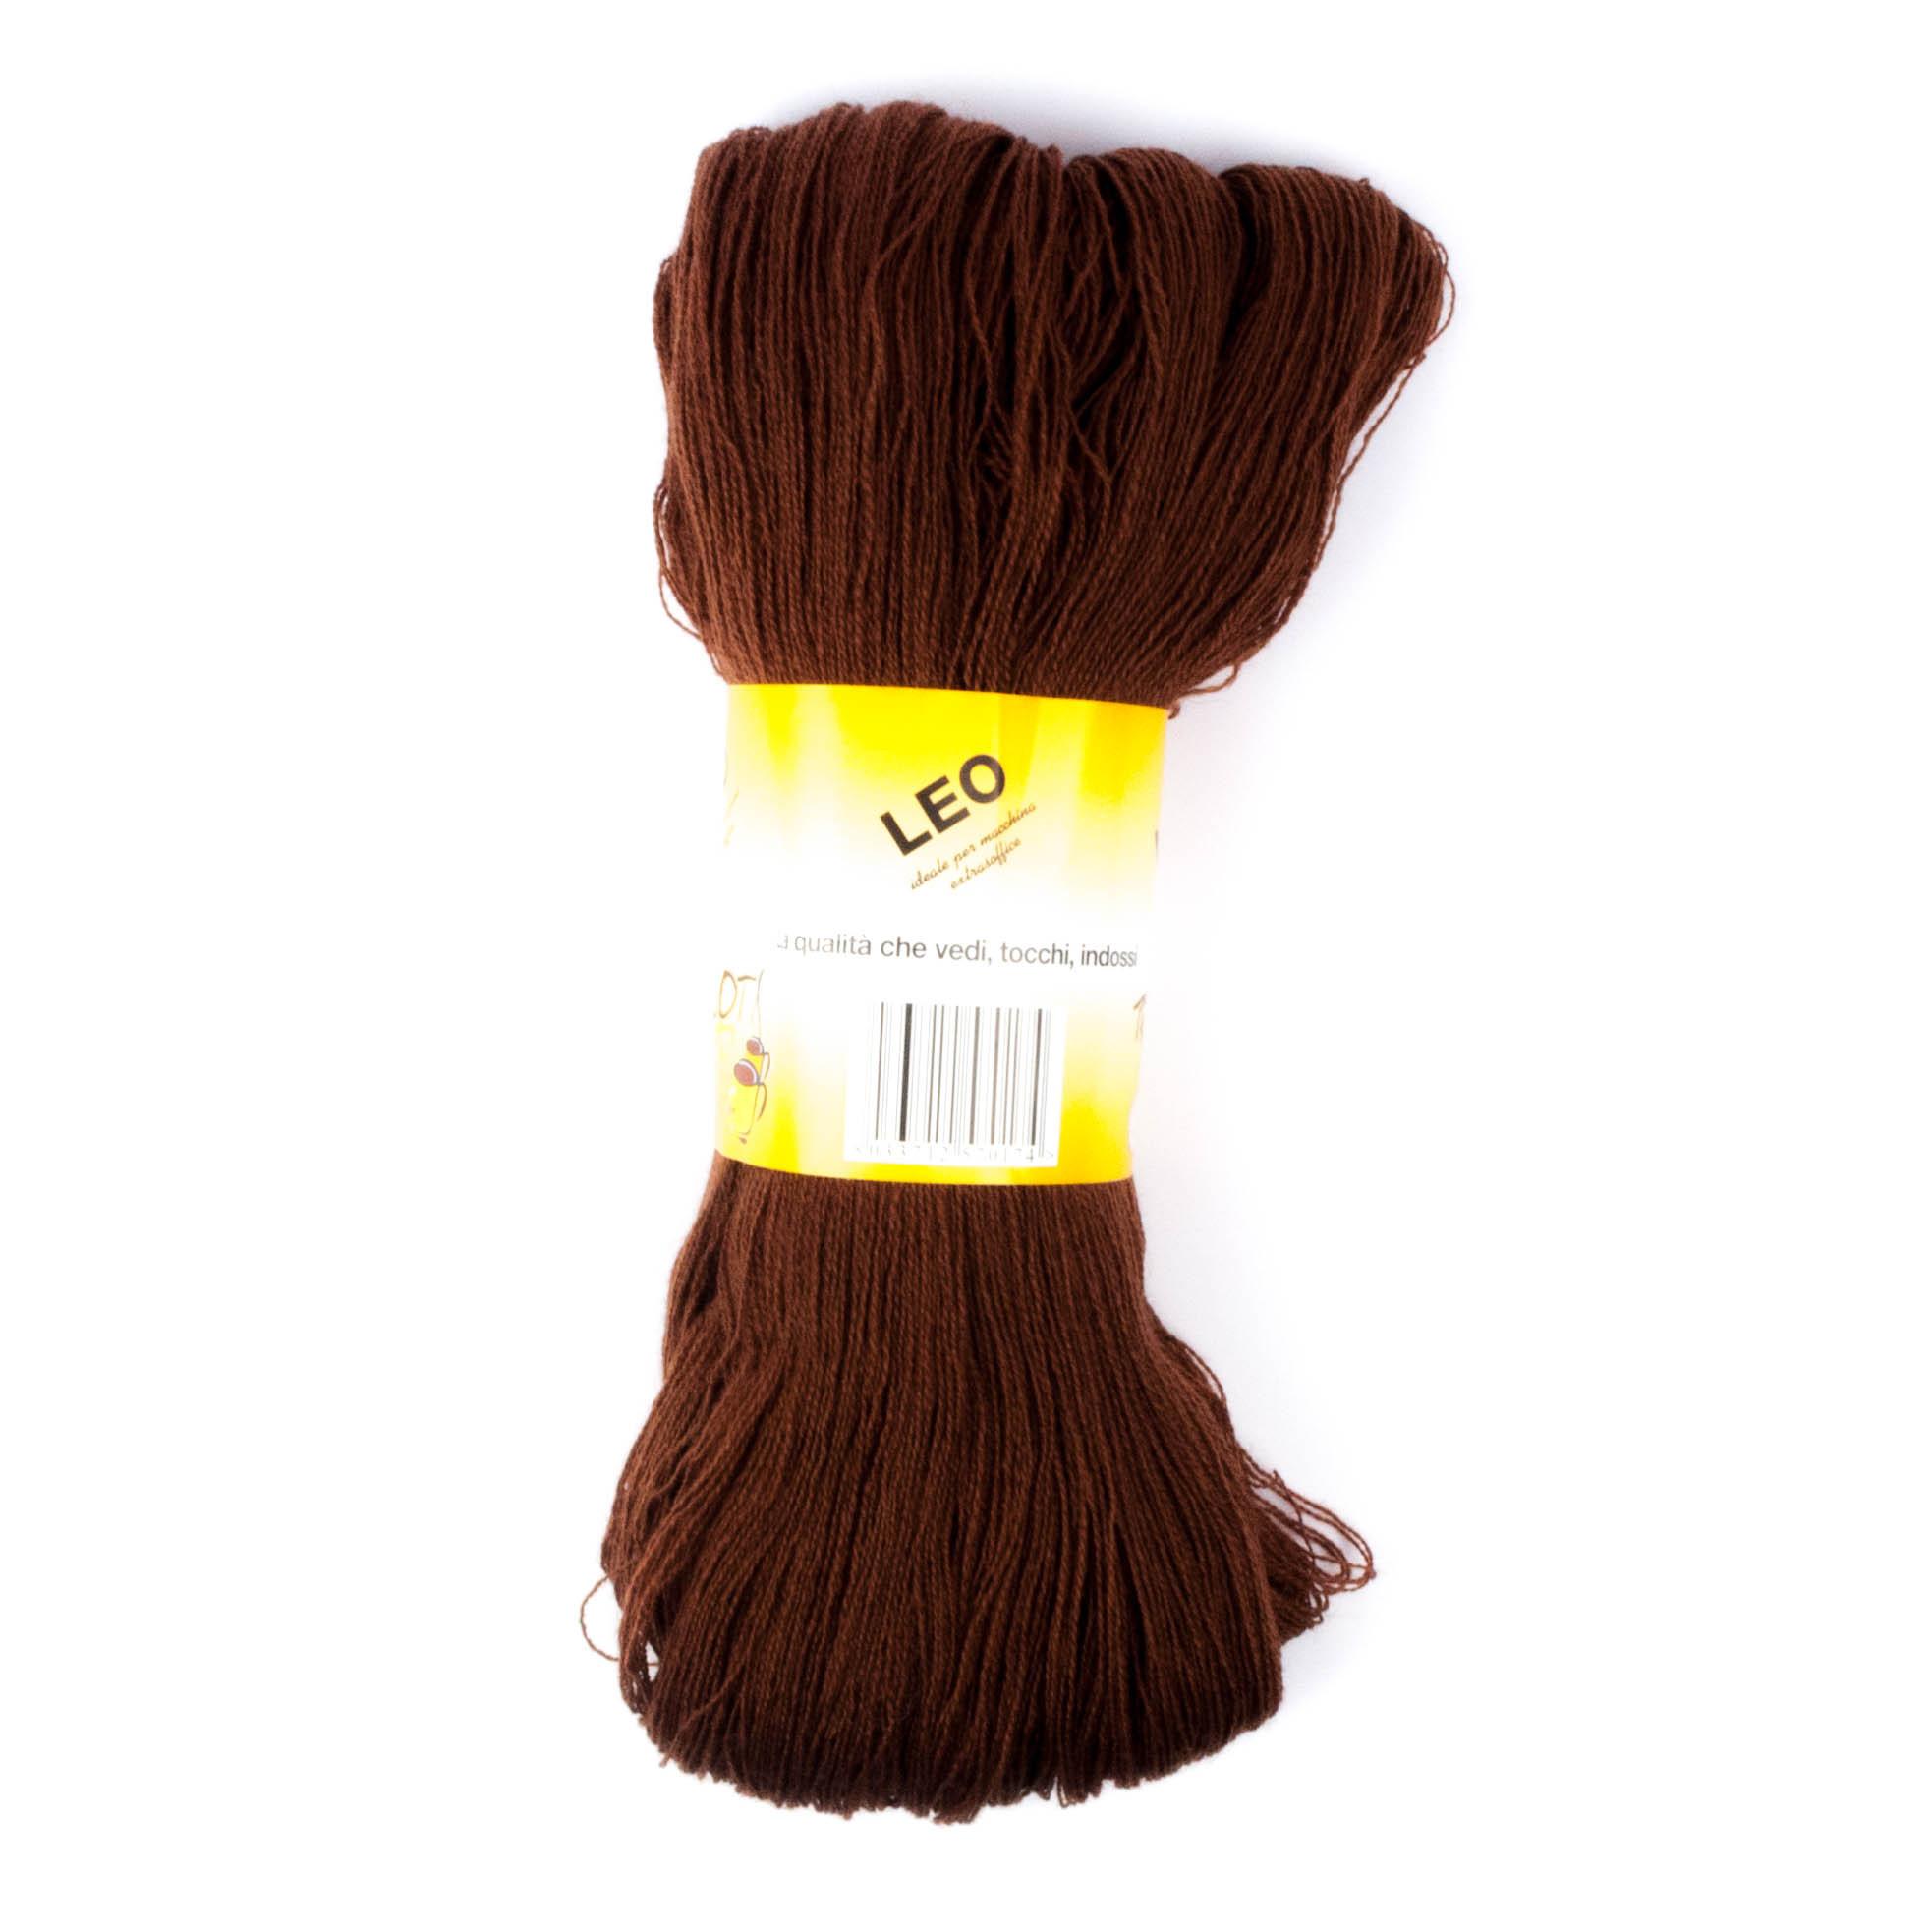 Leo - Matassa misto lana ideale per lavori a mano e macchina - Marrone 8